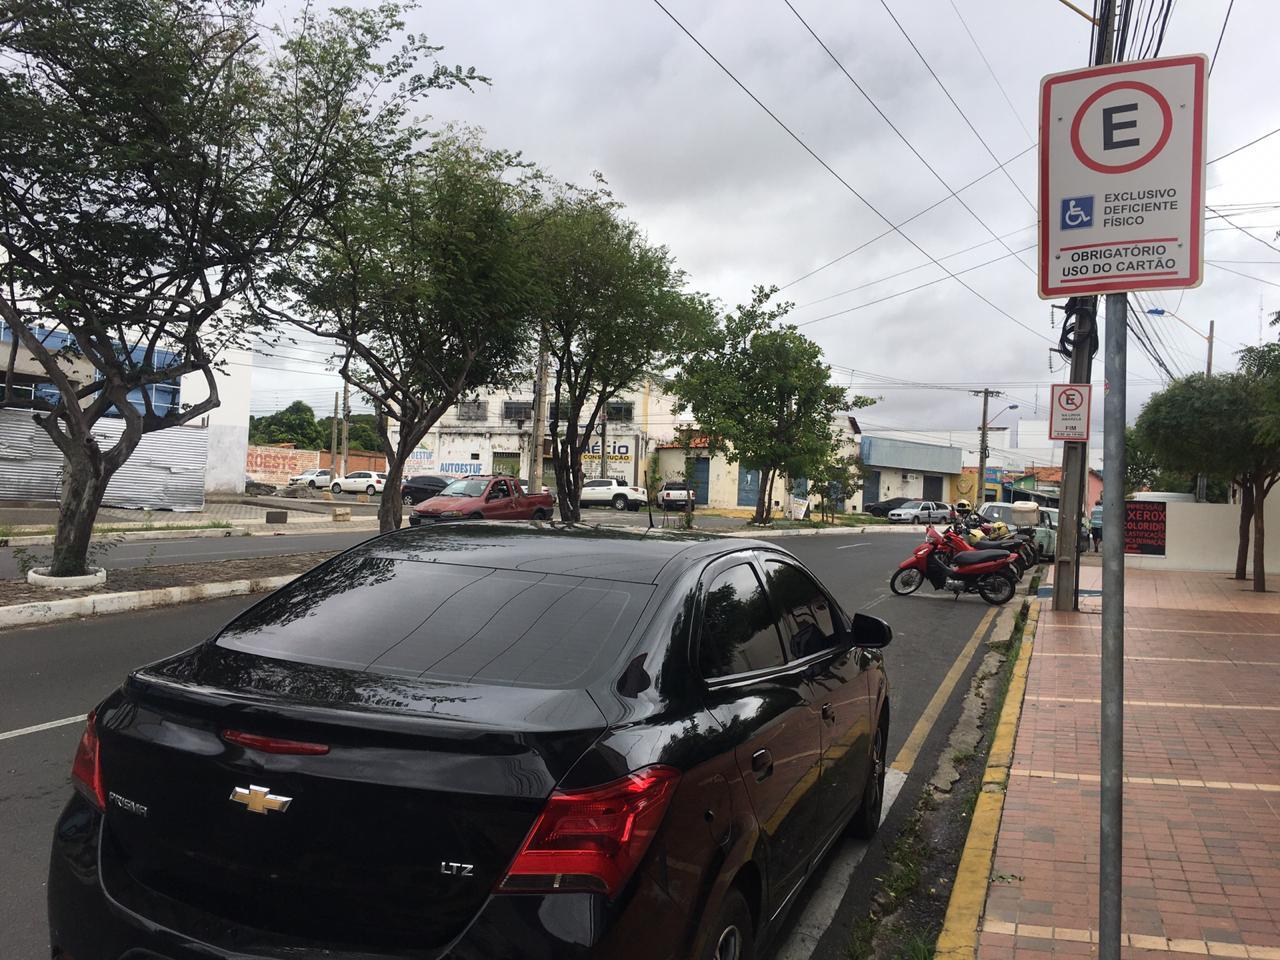 Emissões e renovações de cartões de estacionamento seguem suspensas (Divulgação/ Strans)